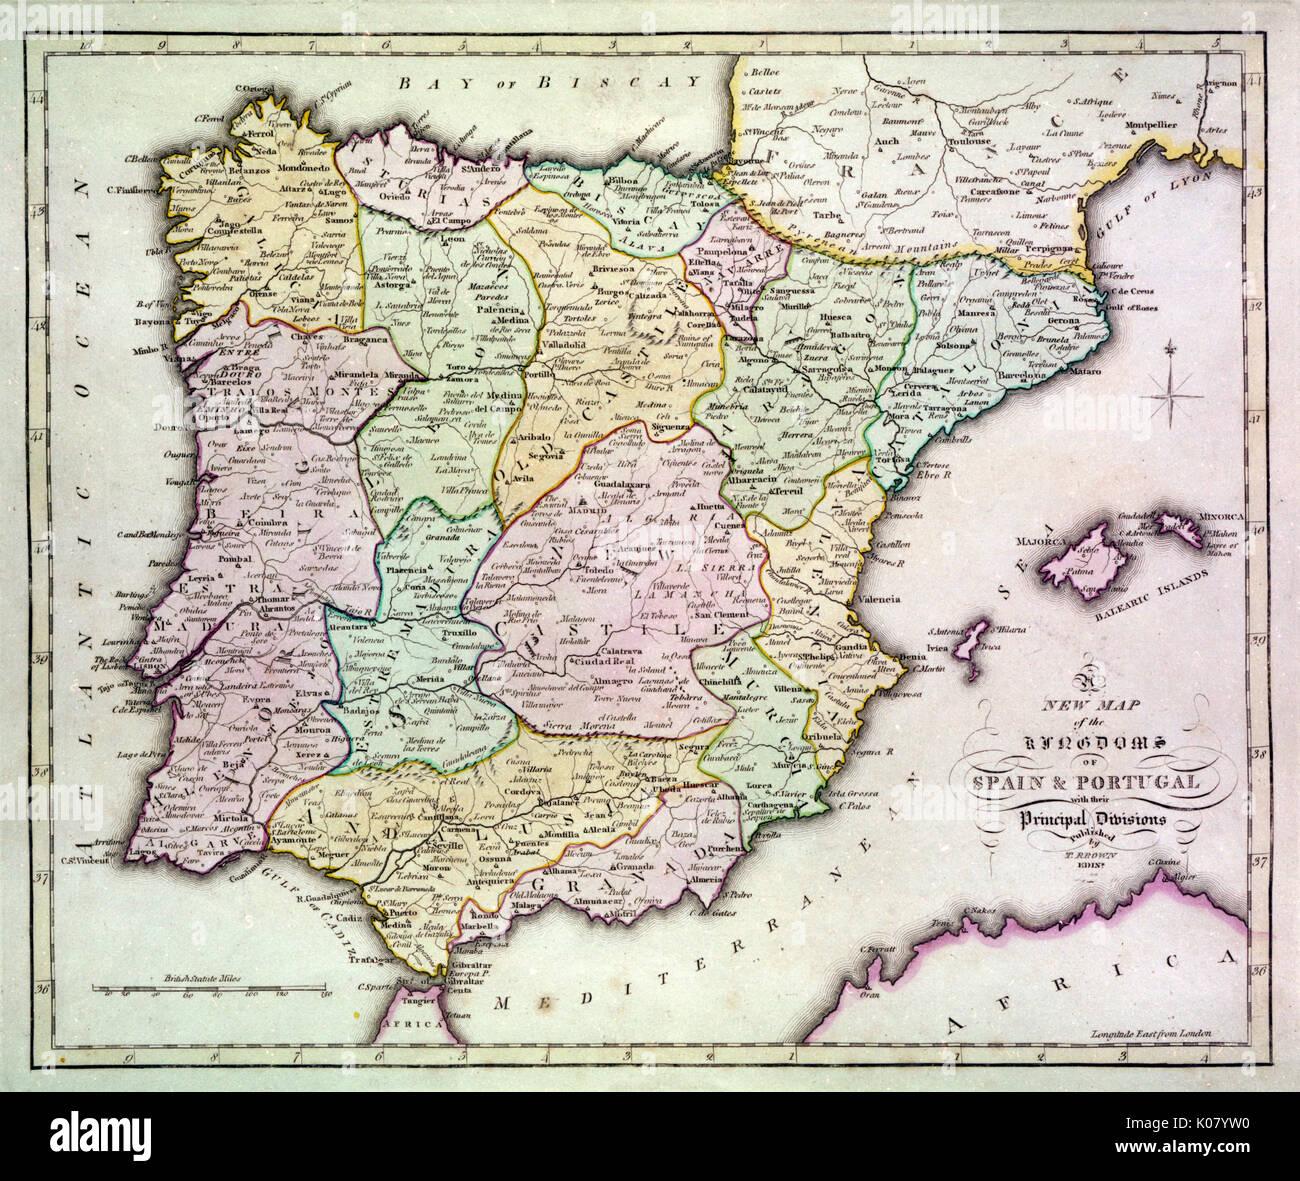 Carte Espagne Afrique Du Nord.Carte De L Espagne Et Le Portugal Avec La Partie Du Sud De